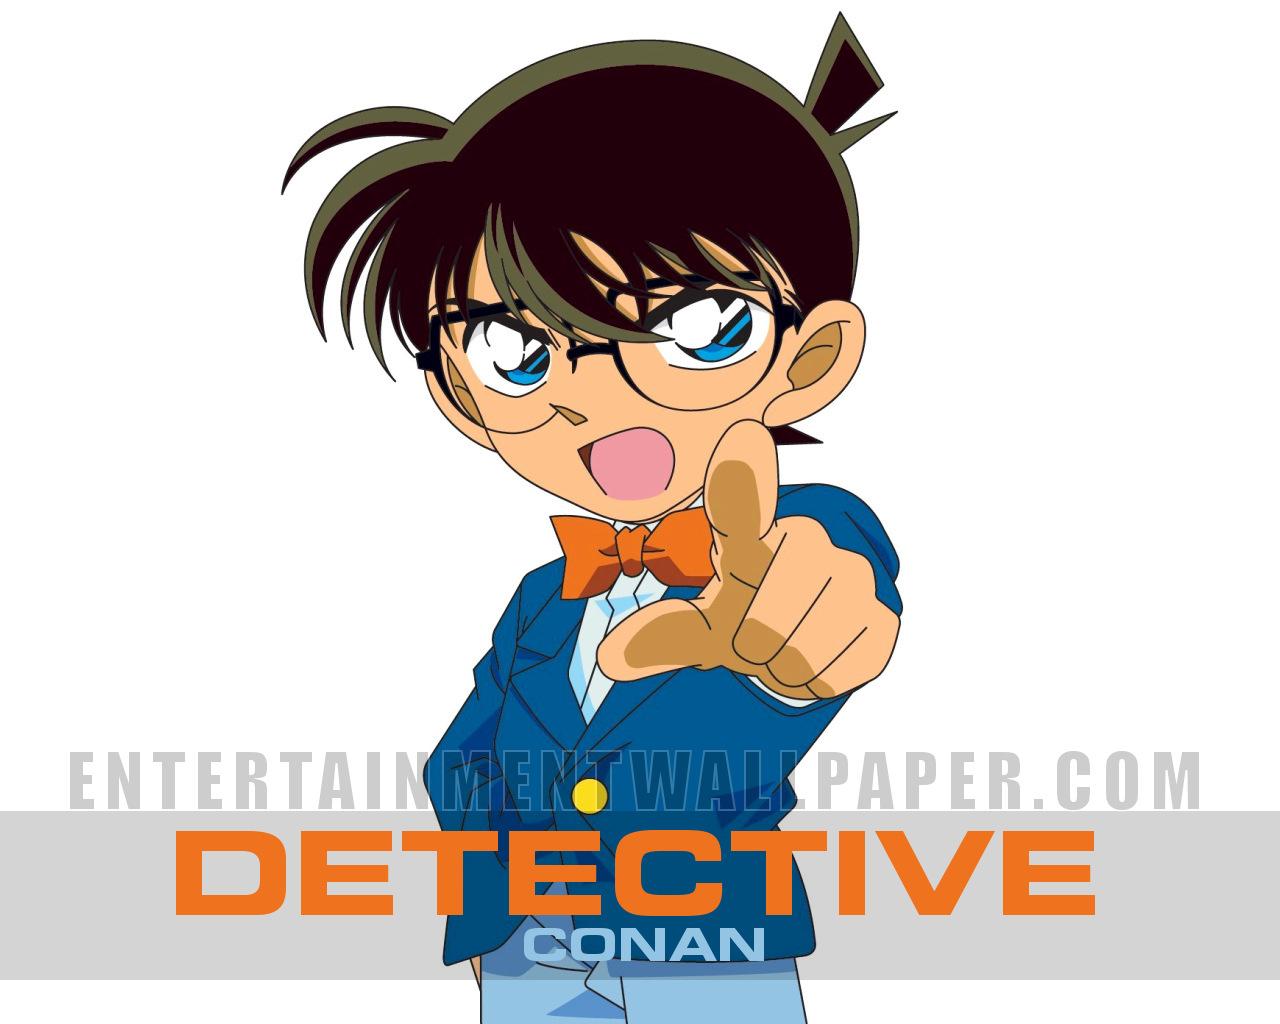 http://4.bp.blogspot.com/-y6DonO0hO-U/T8wcWbNb_GI/AAAAAAAAB1M/DsyAJzRFHXA/s1600/tv_detective_conan03.jpg